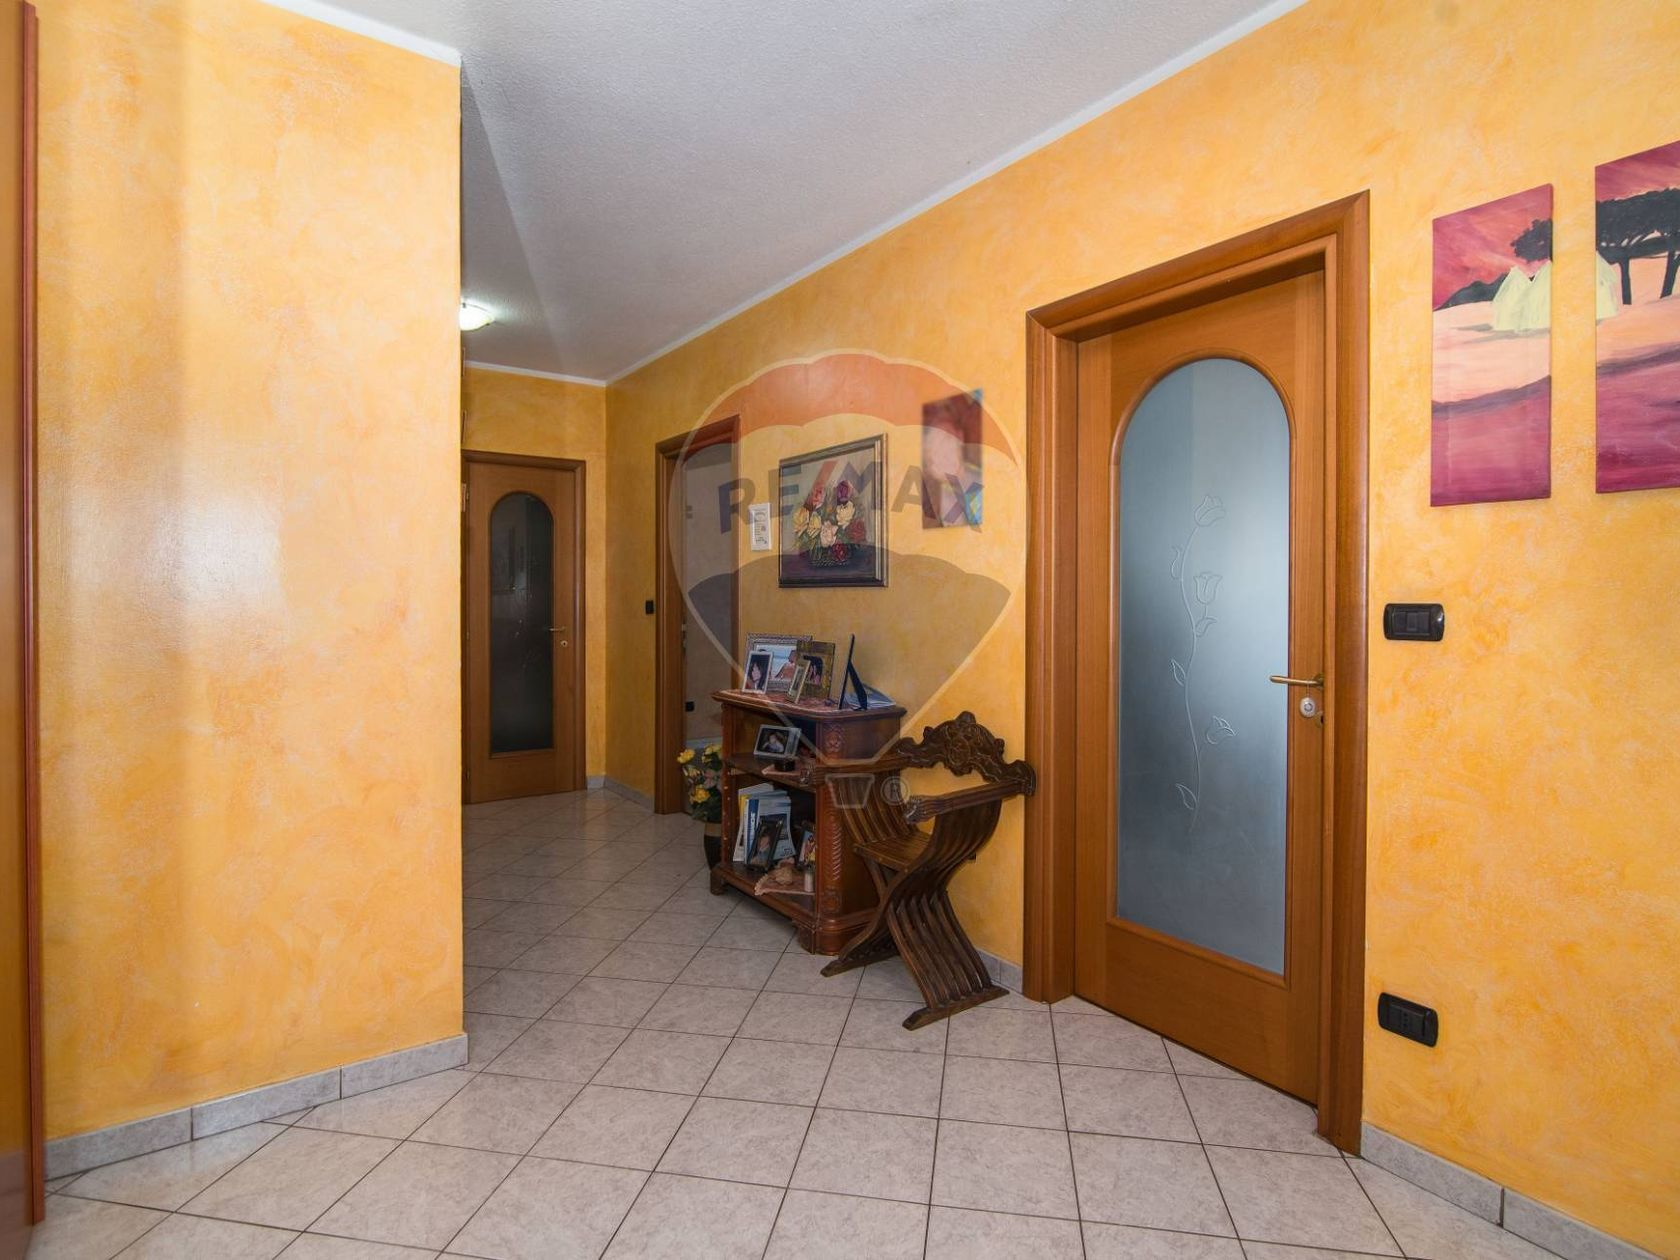 Appartamento Mirafiori nord, Torino, TO Vendita - Foto 7